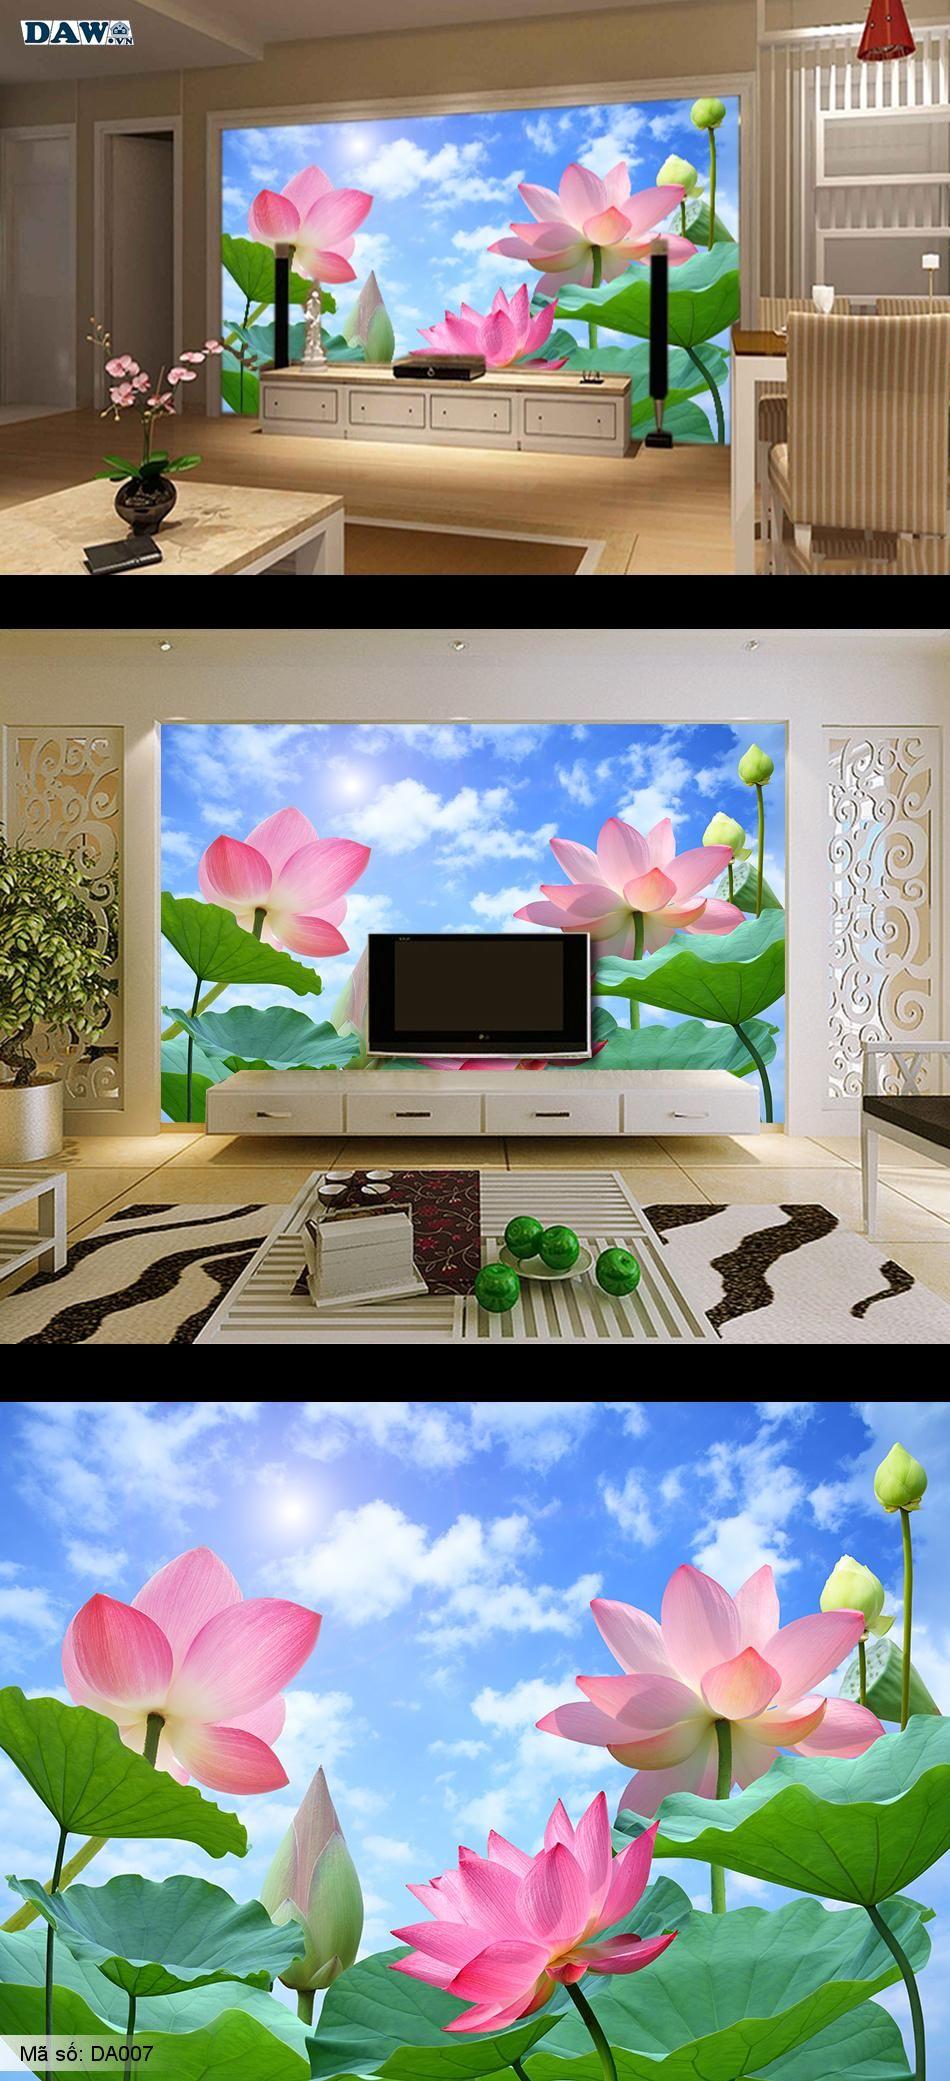 Tranh dán tường hoa sen, hoa sen đẹp, tranh dán tường hoa lá DA007